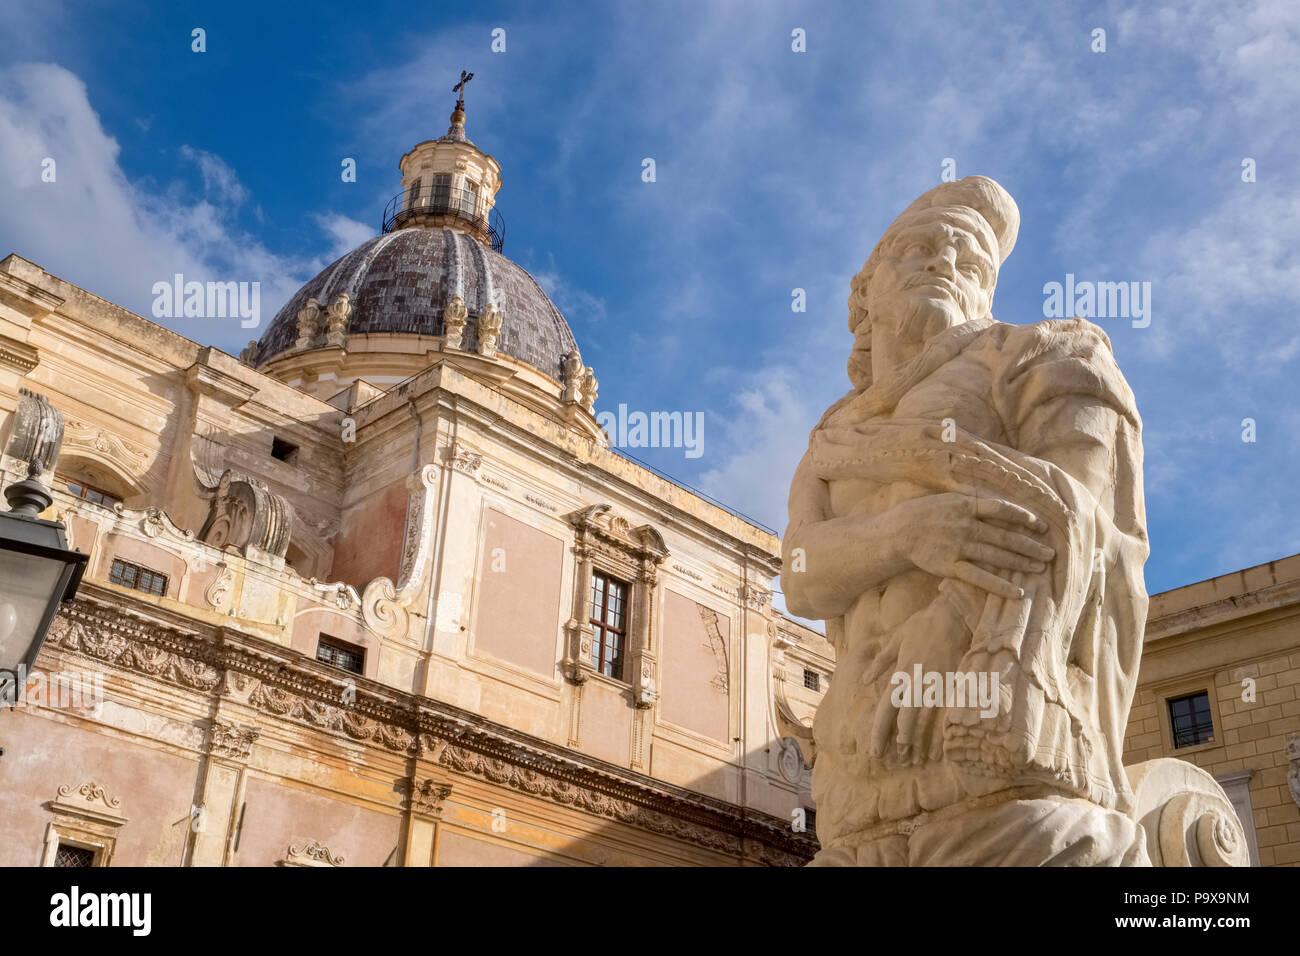 Teil der Fontana Pretoria, Praetorian Brunnen auf der Piazza Pretoria in Palermo, Sizilien, Italien, Europa, Santa Caterina Dome im Hintergrund Stockbild